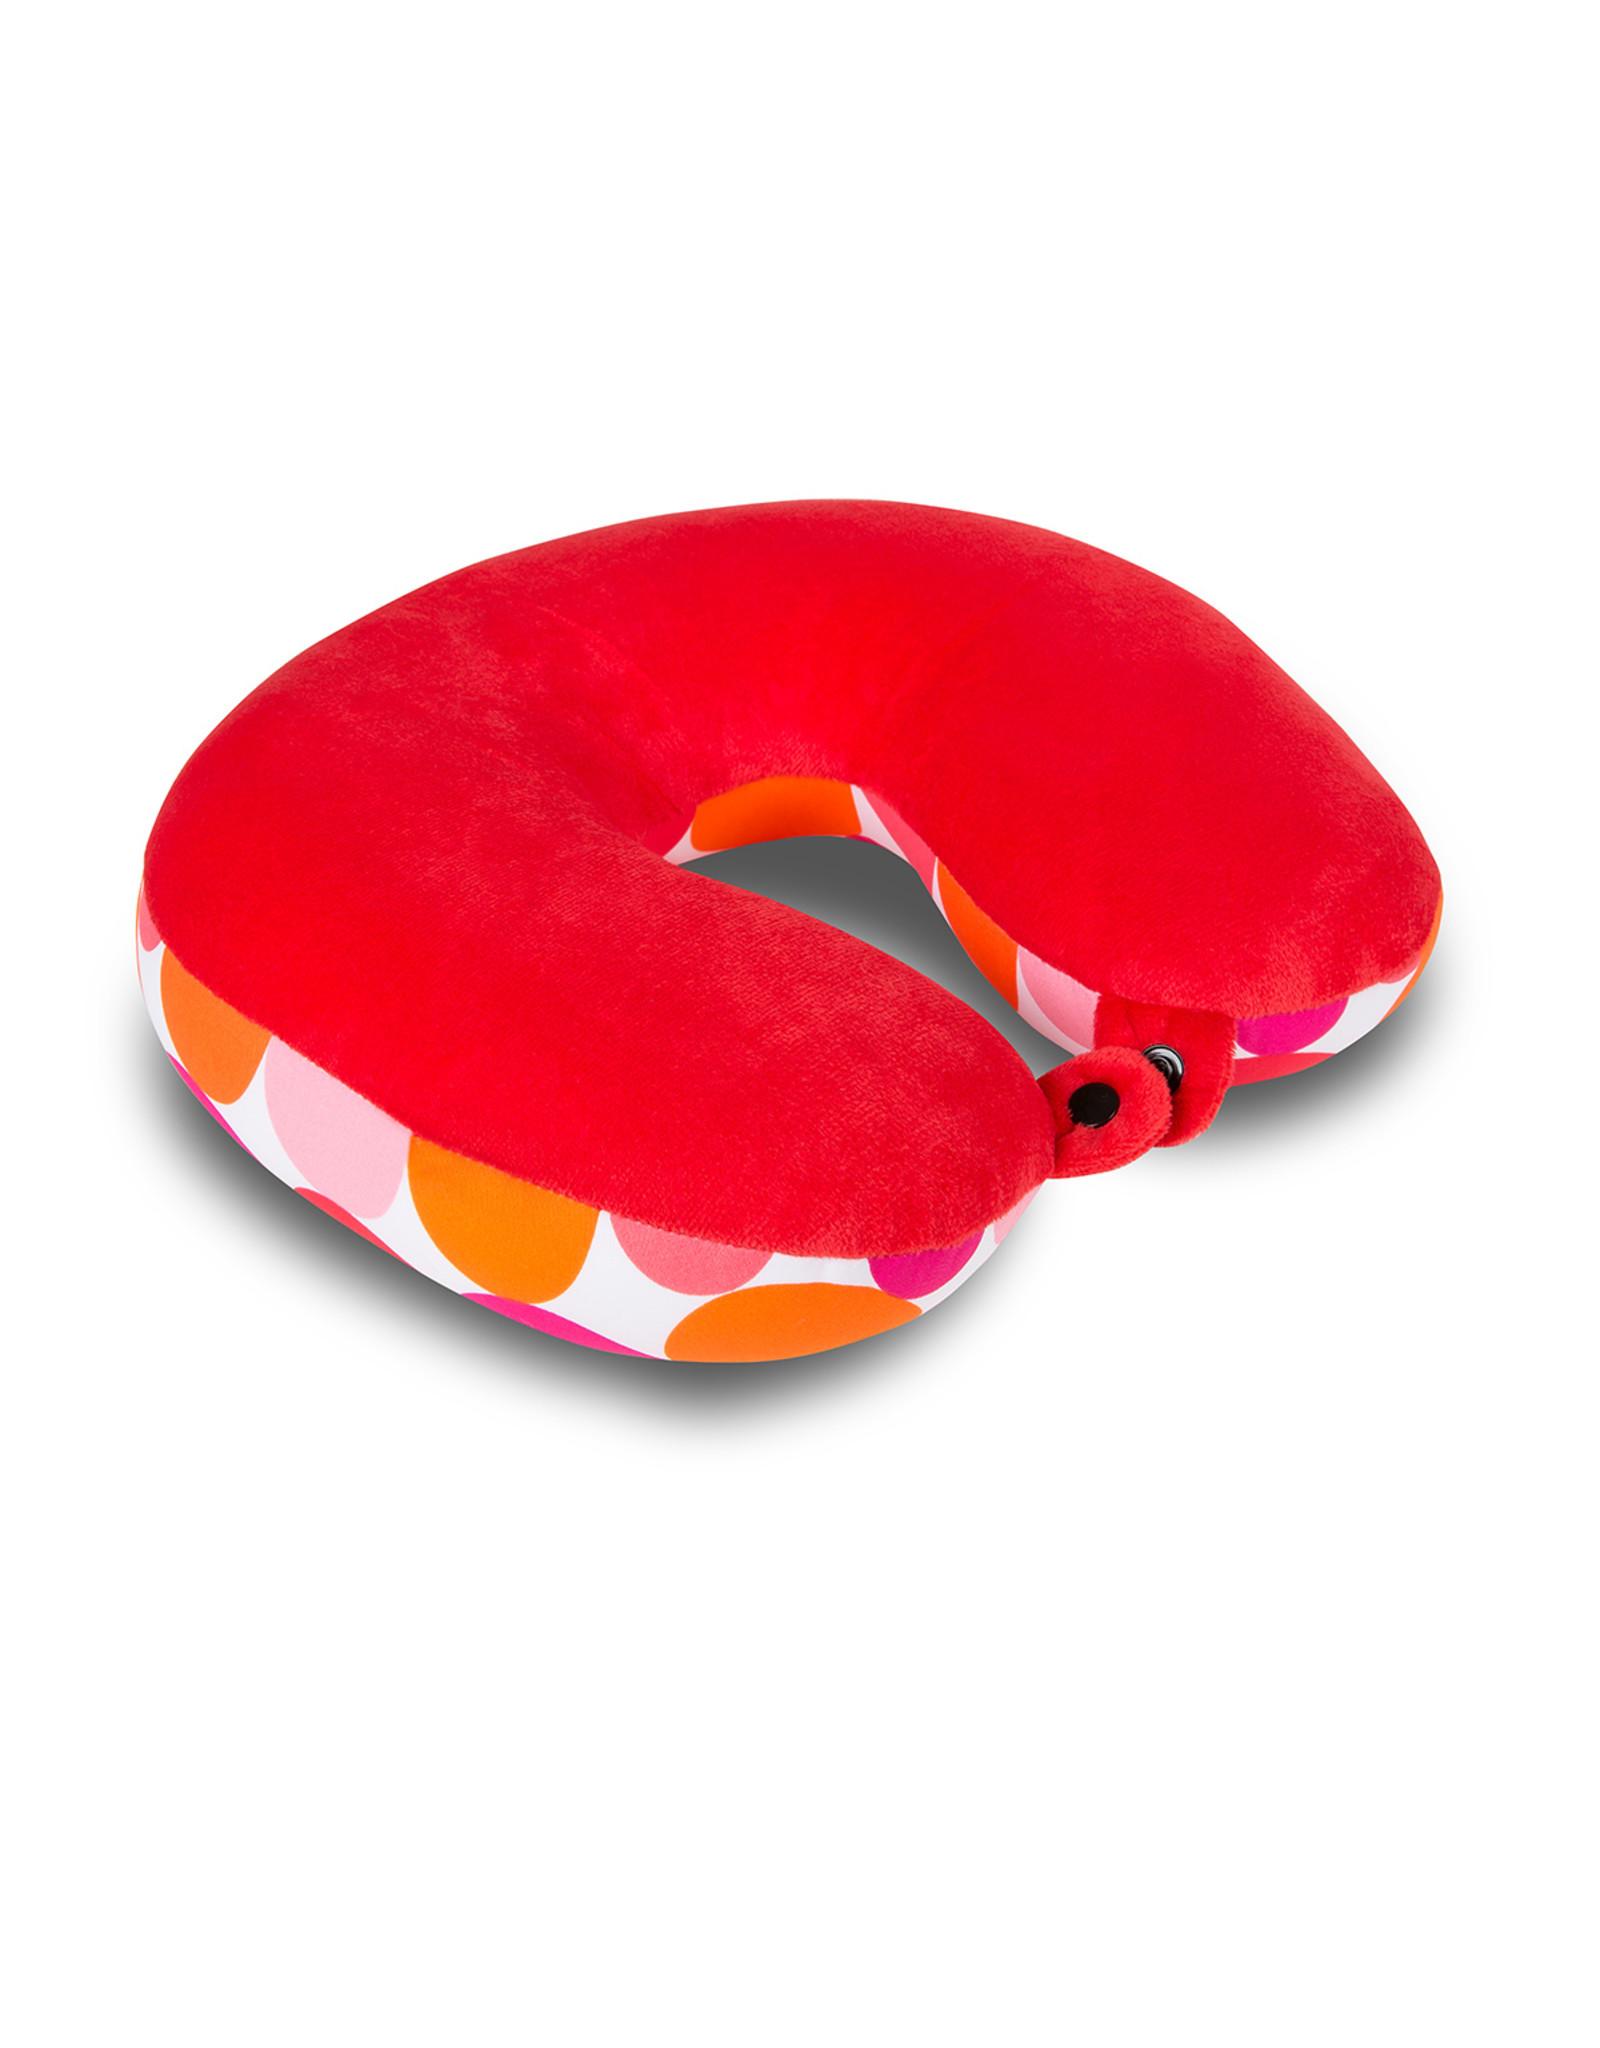 Kuschel-Maxx Kuschel-Maxx - Nack cushion Dots Orange